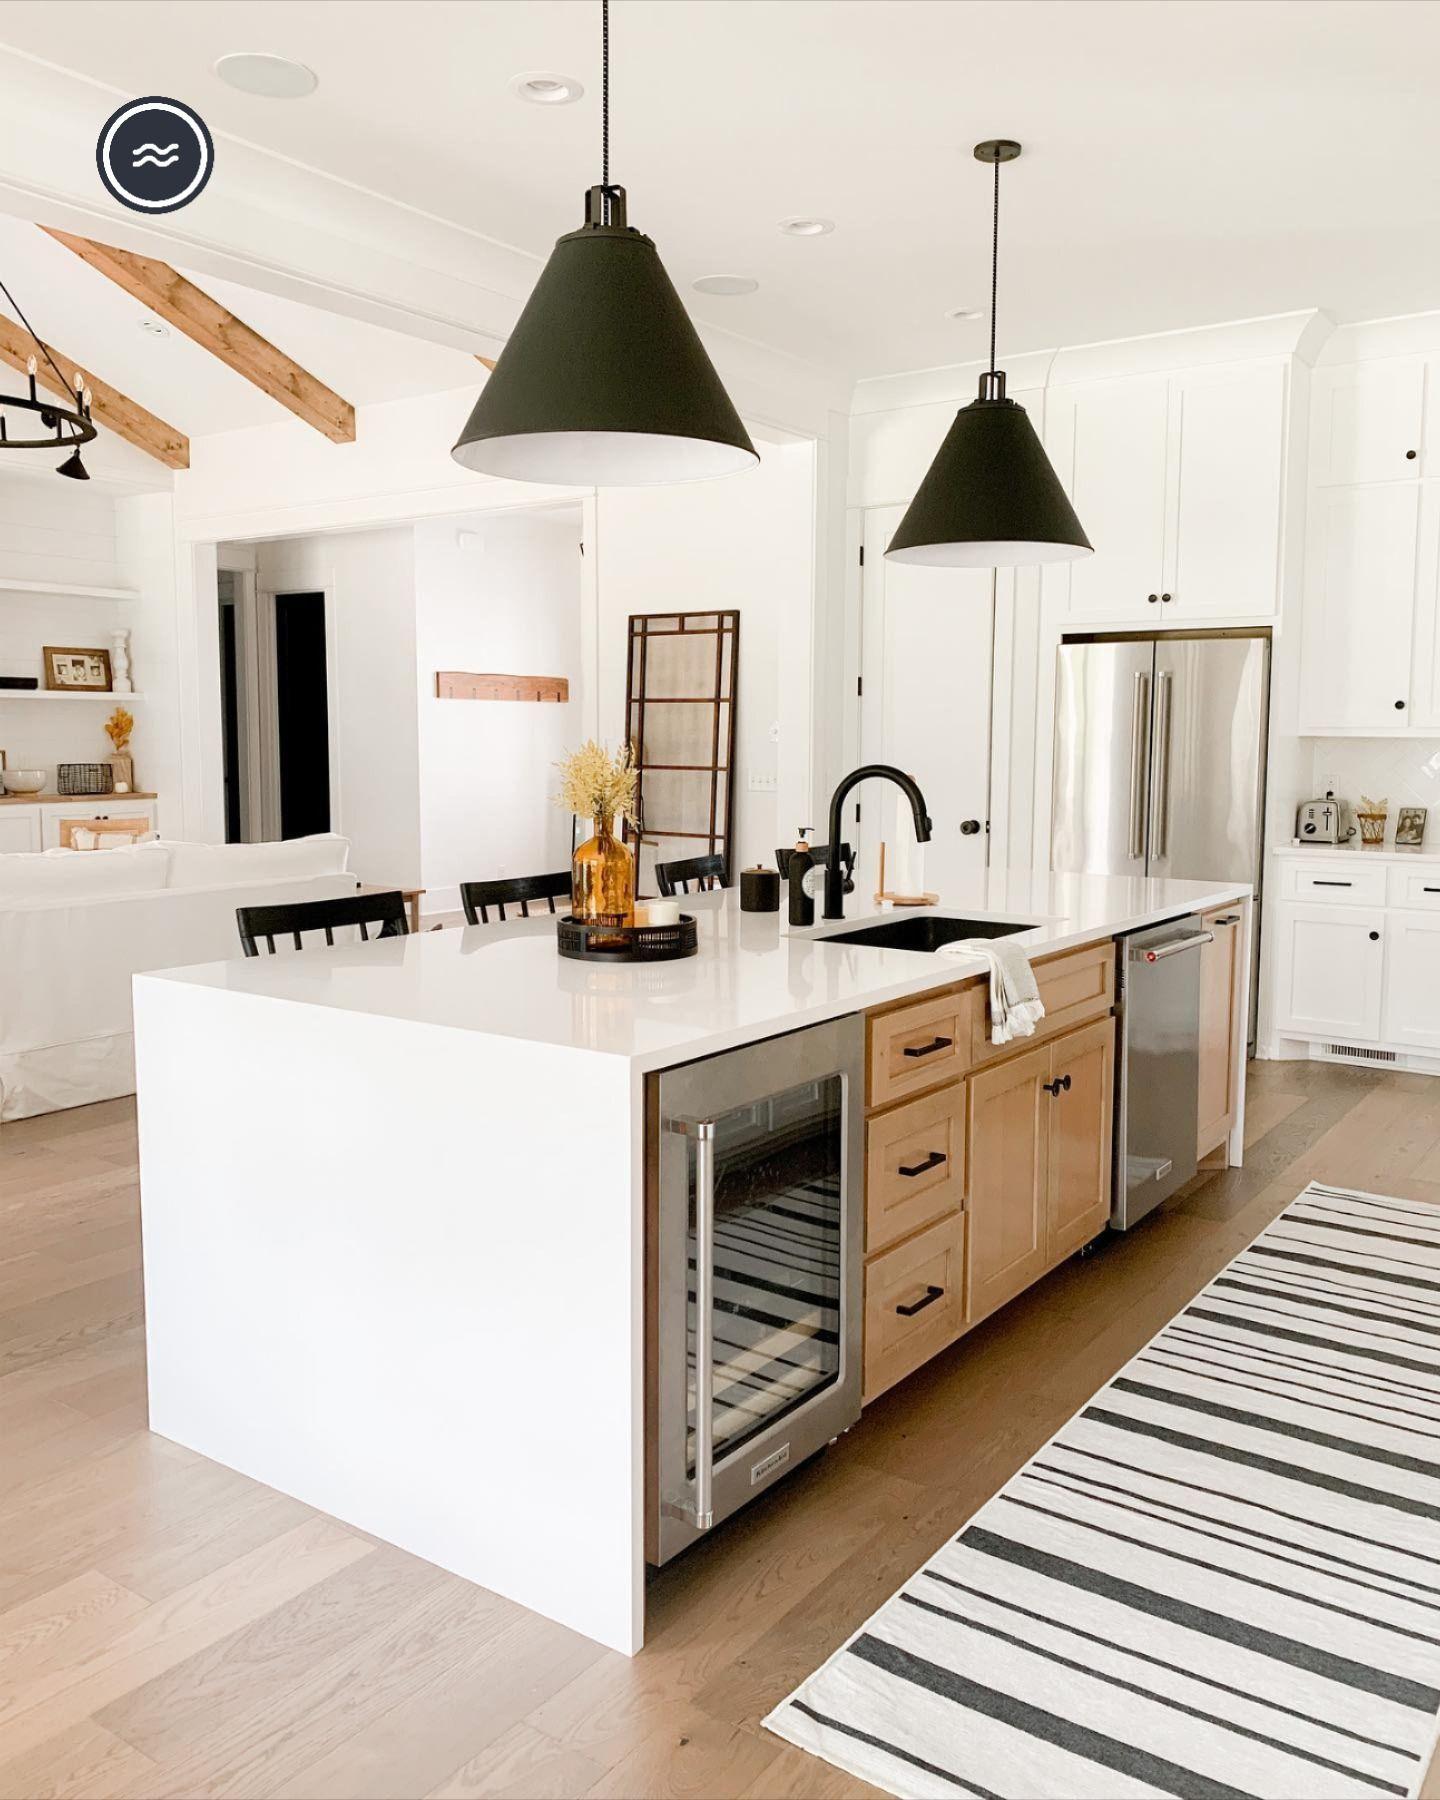 Hudson Stripe Black Rug In 2021 Home Decor Kitchen Kitchen Design Interior Design Kitchen